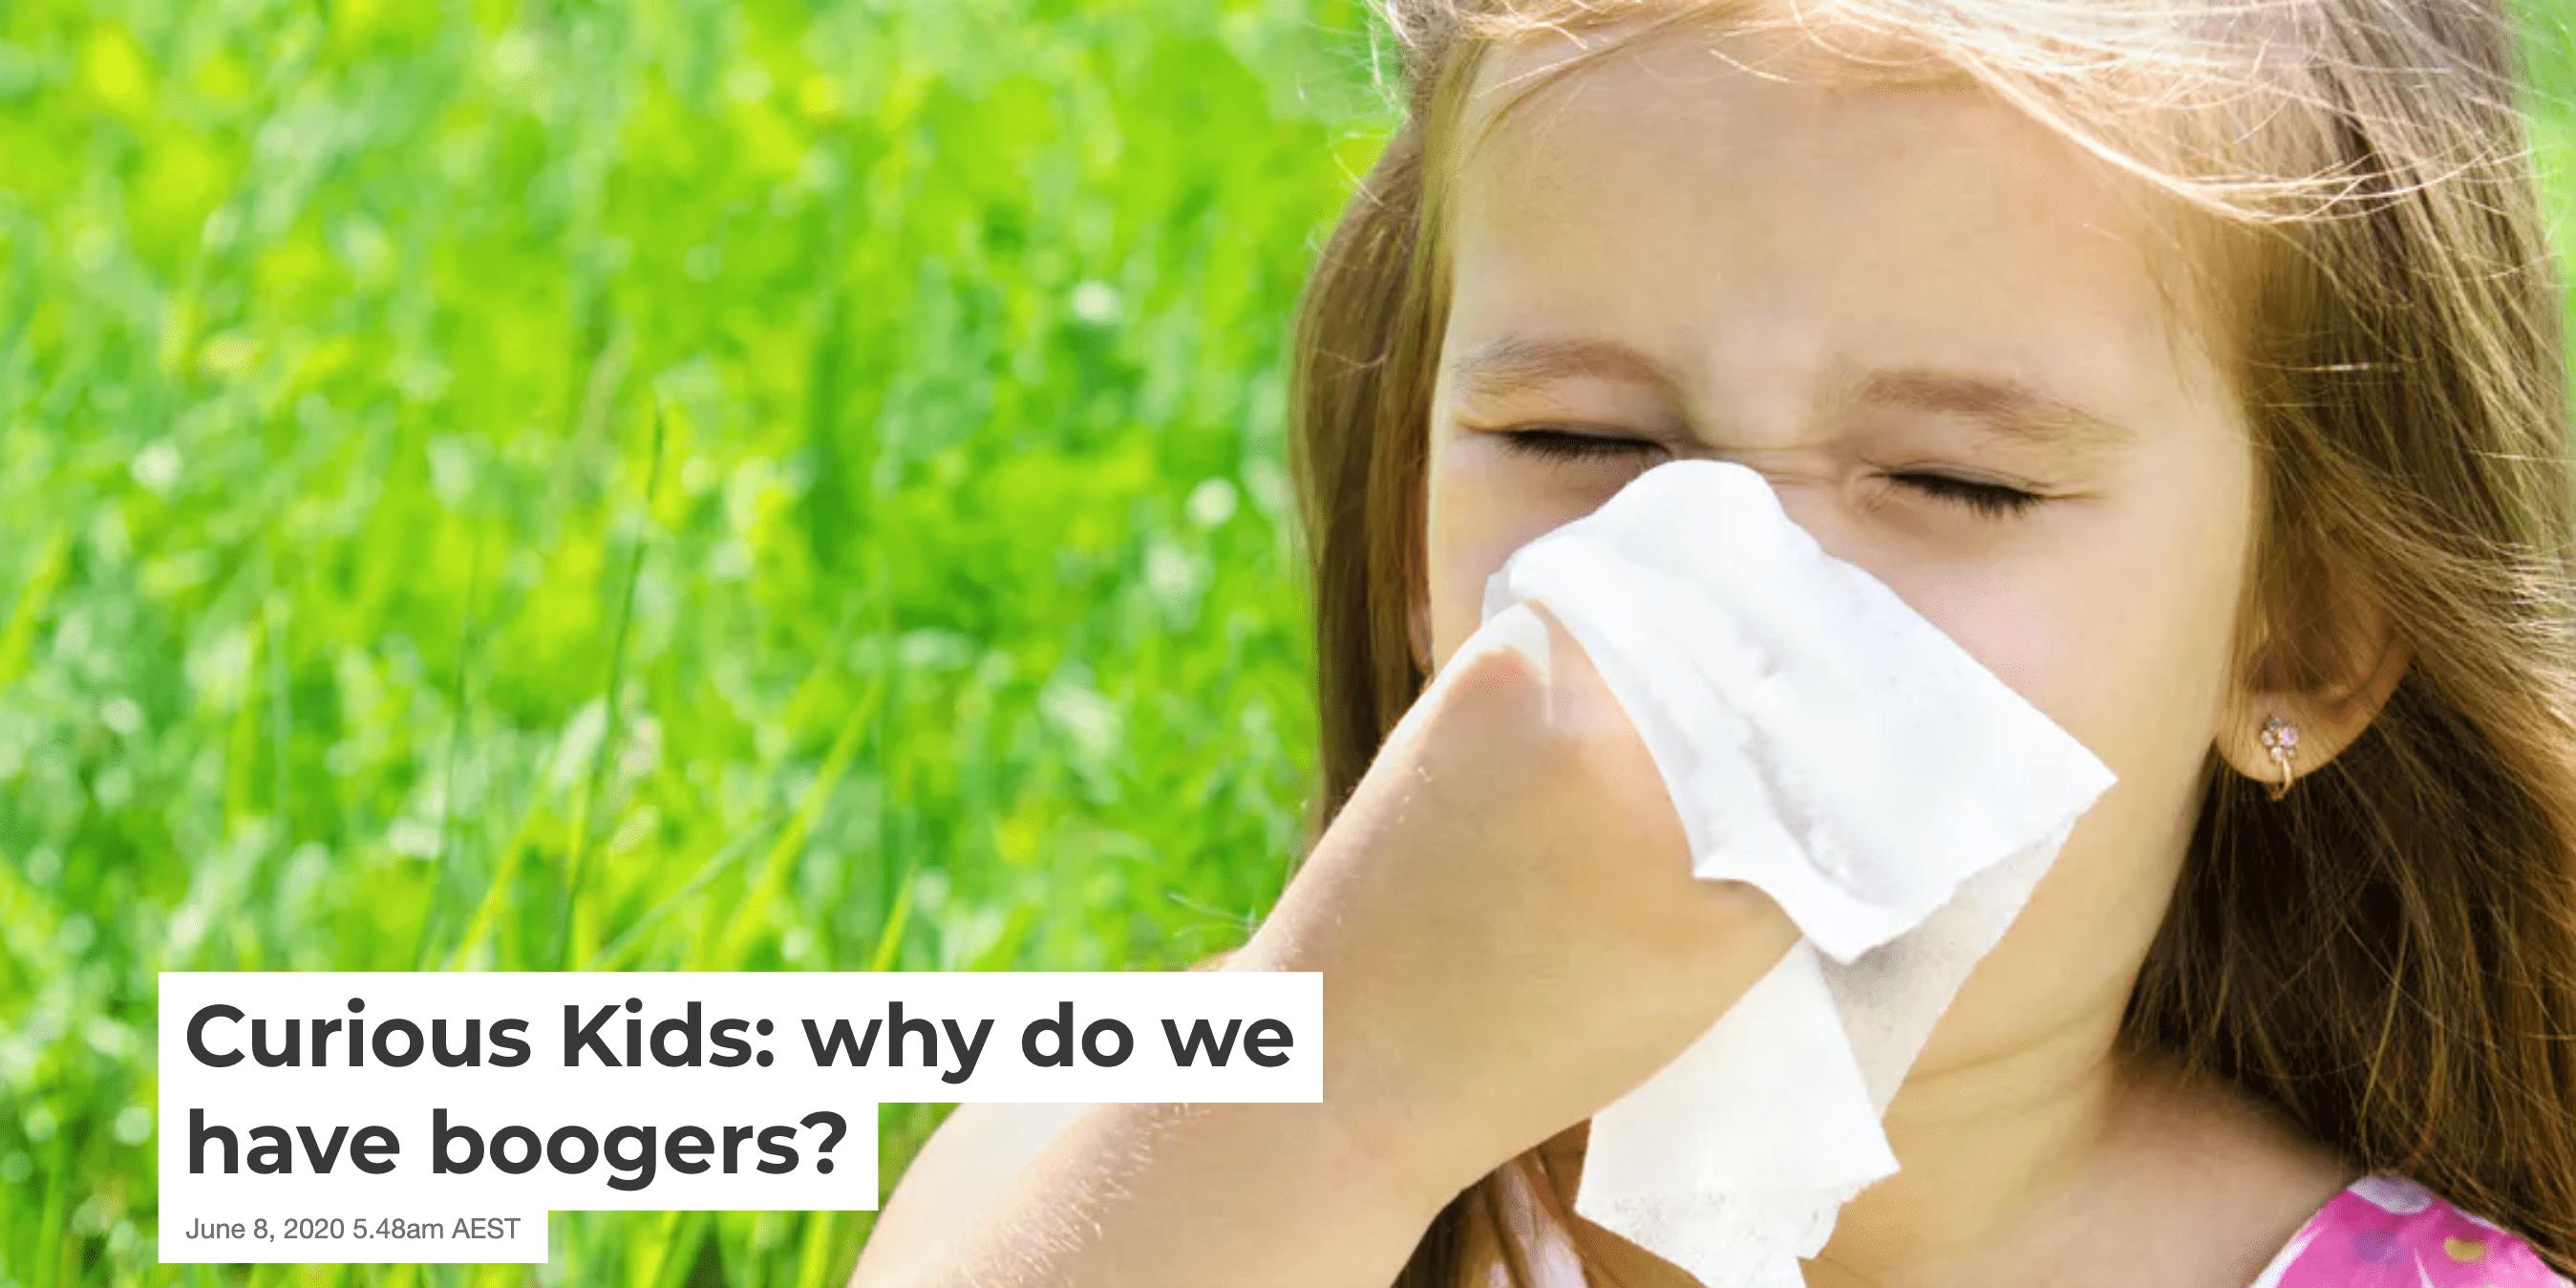 WHY|为什么我们会有鼻涕?五种鼻涕颜色预示身体状况